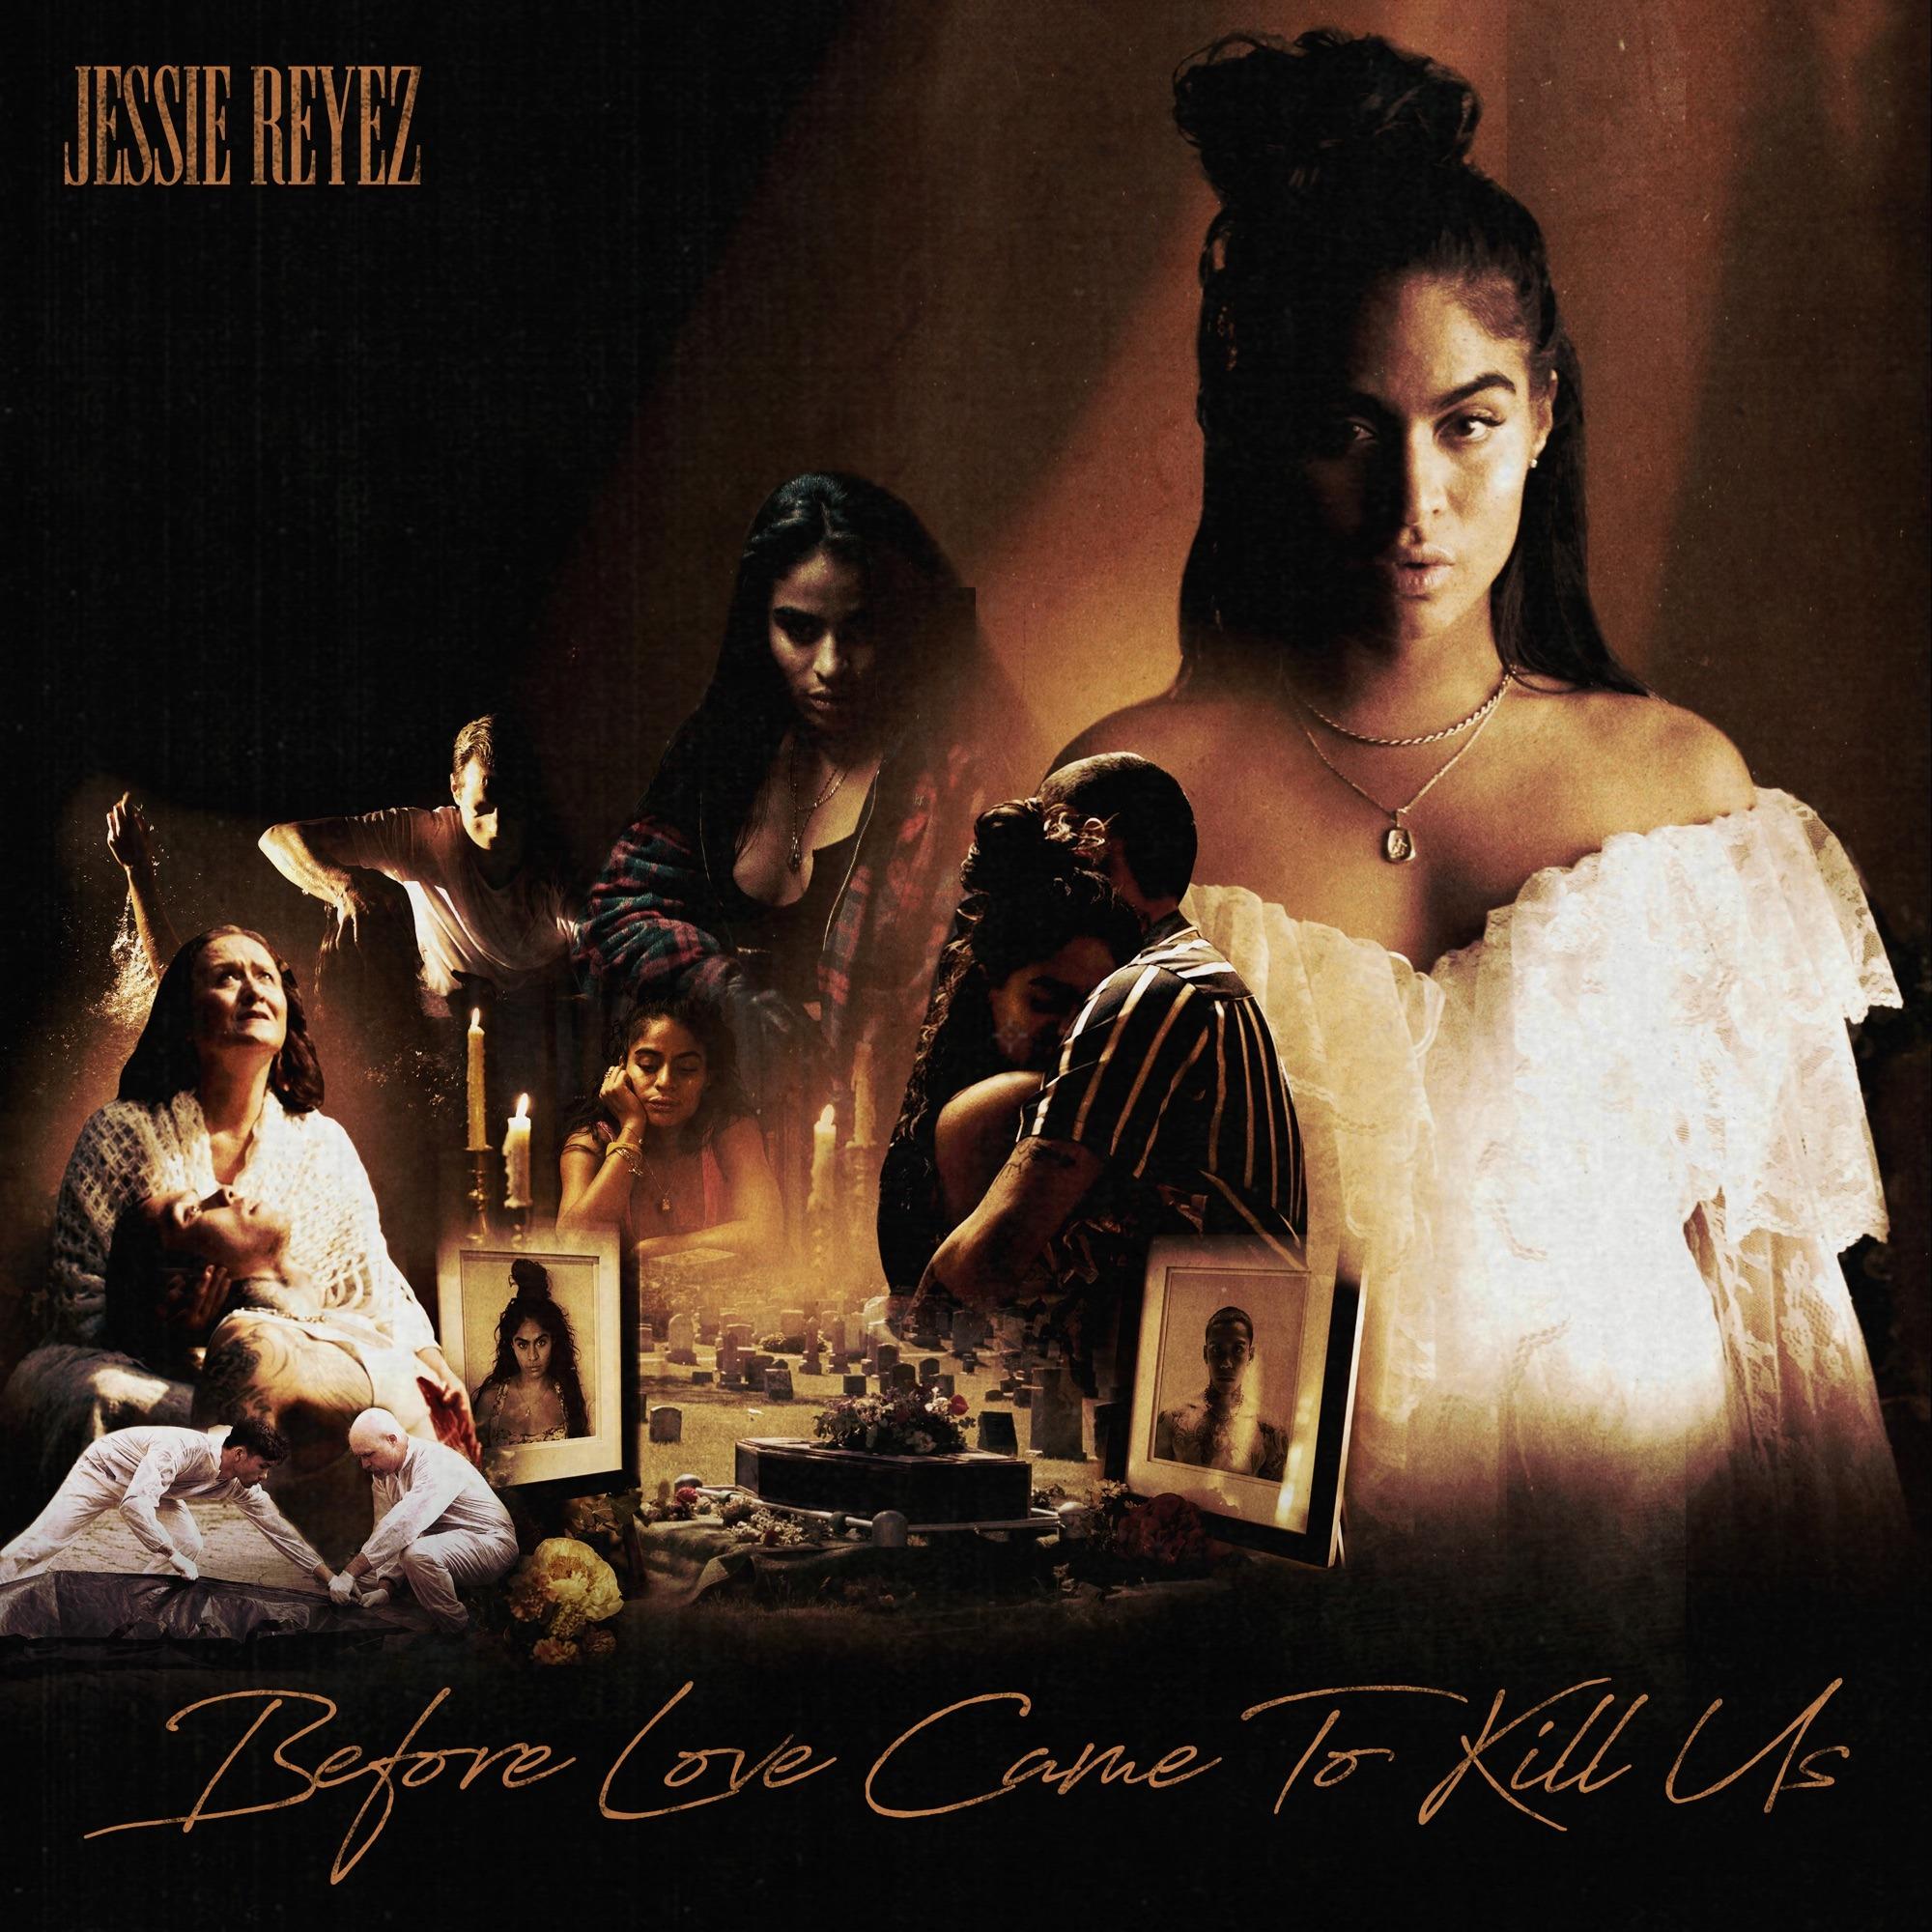 Jessie Reyez feat. A Boogie wit da Hoodie & JID – FAR AWAY II